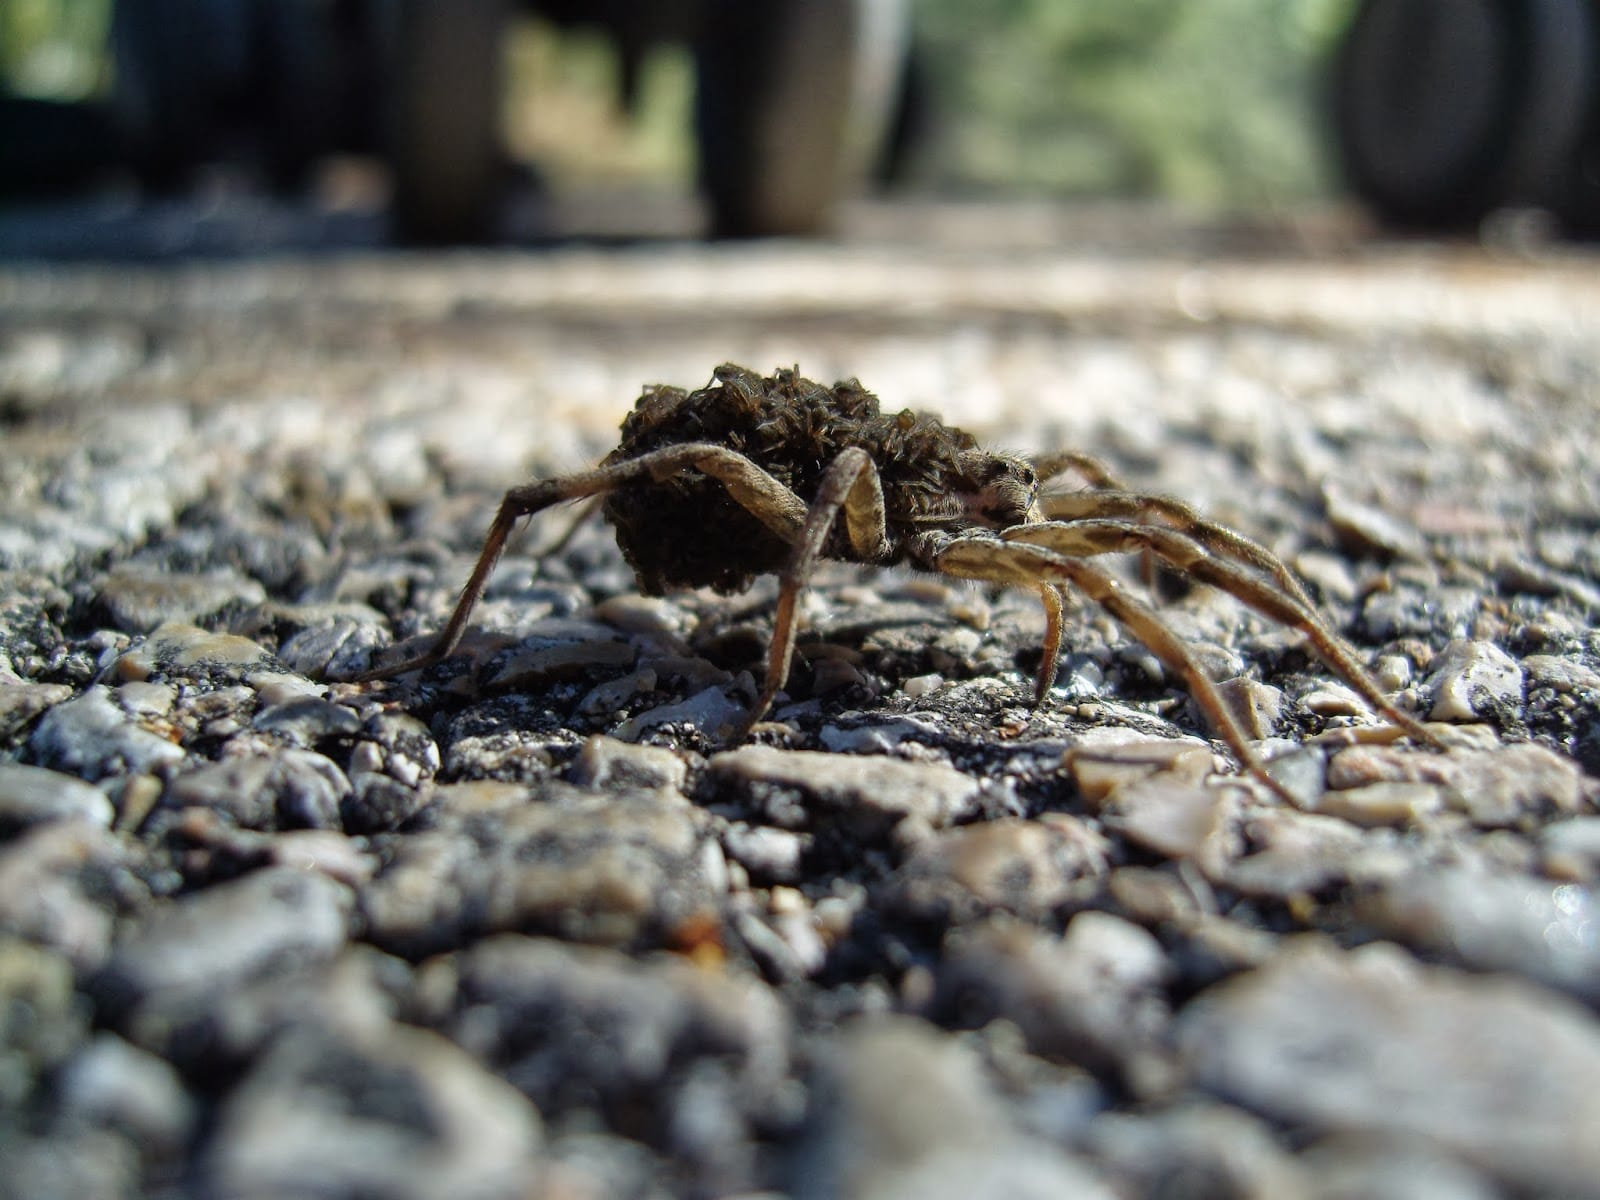 Arañas-venenosas5